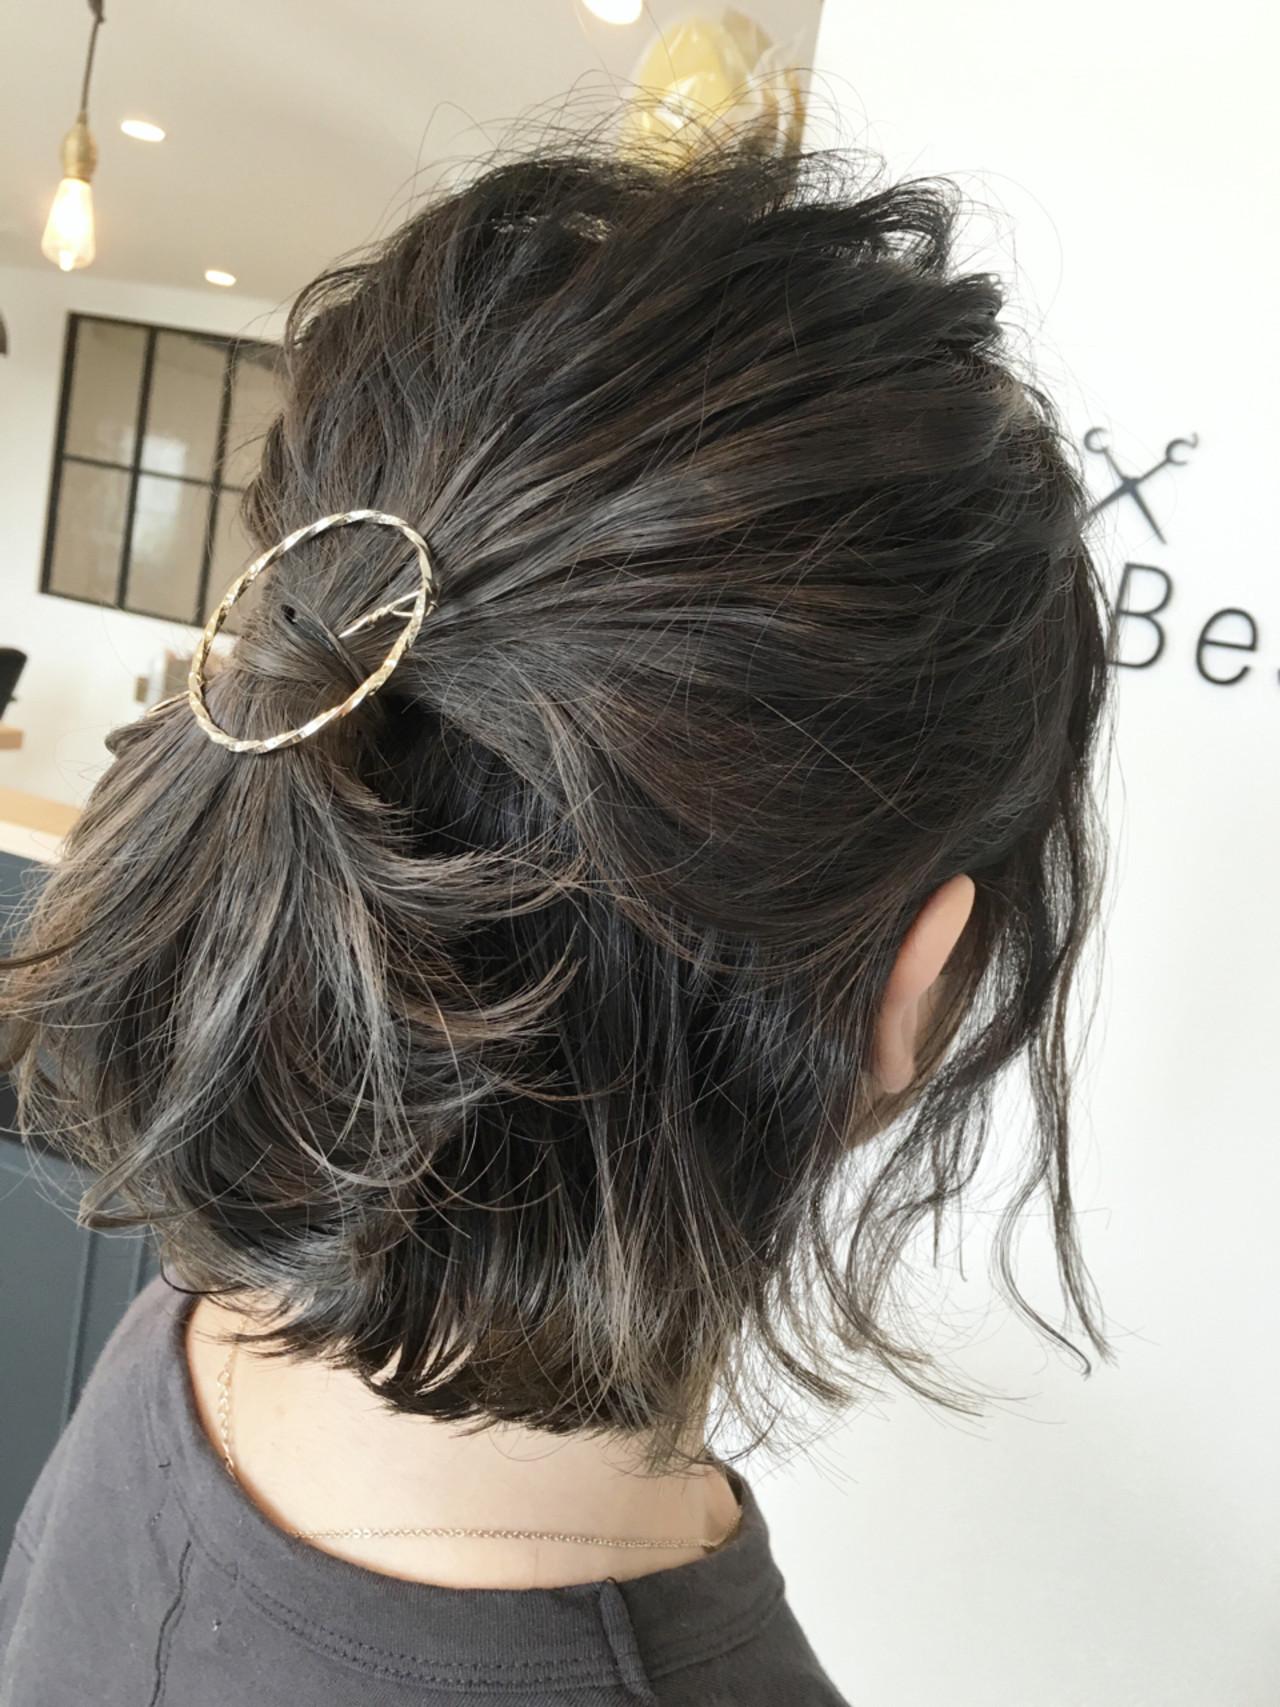 【美容師直伝】ロブがかわいく見える♡おすすめヘアアレンジ集 鳥越 ありさ  hair…nail TLABeS